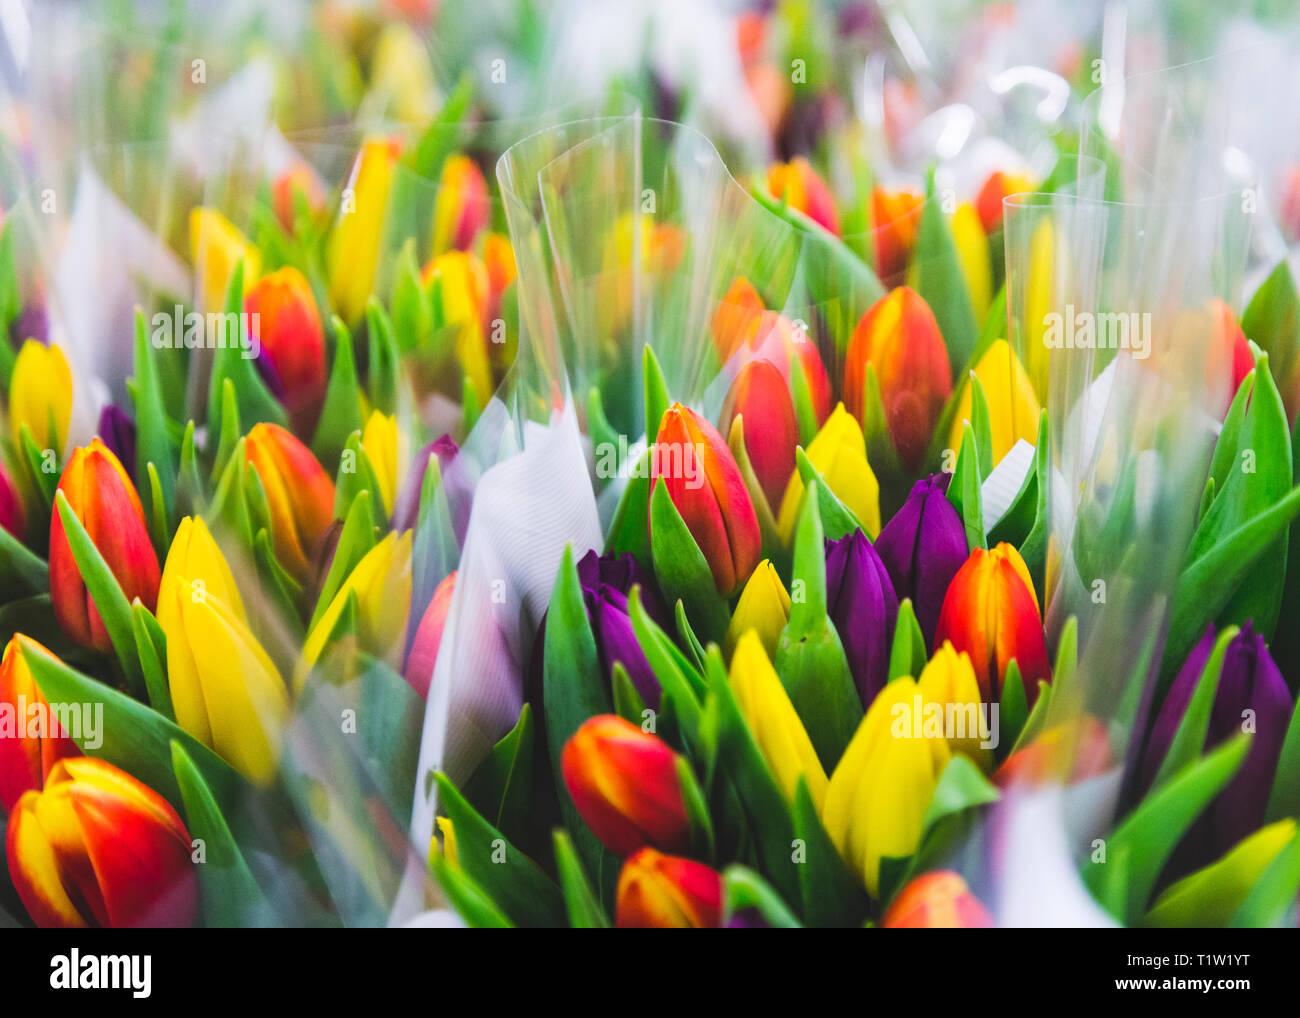 Mehrfarbige Trauben von Tulpen Nahaufnahme Stockbild